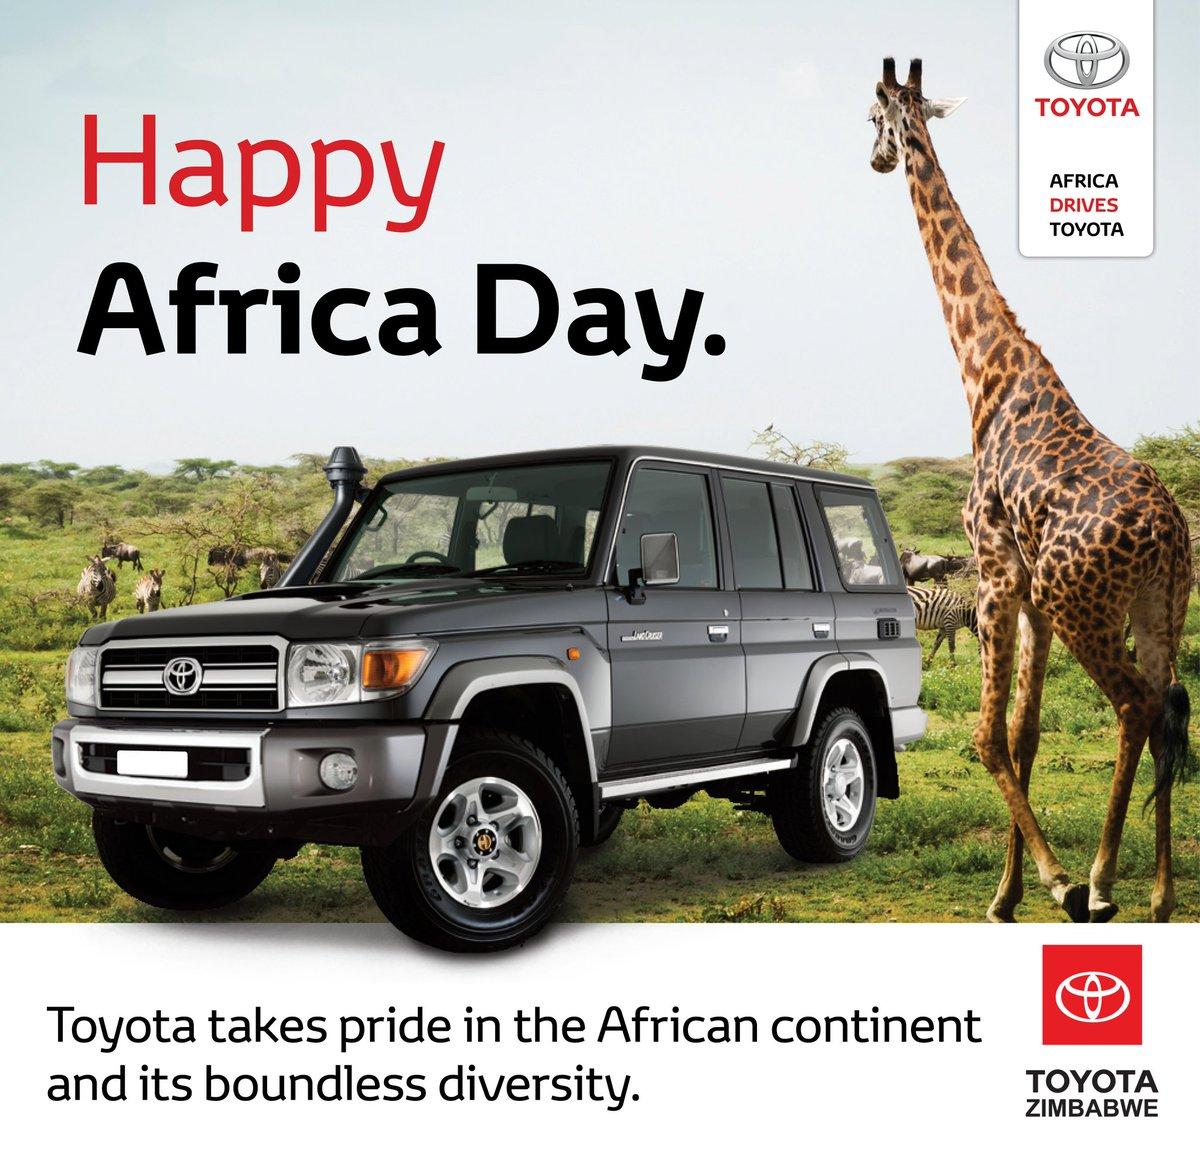 #Toyota Let's Go Places pic.twitter.com/BcSVHHTCA8